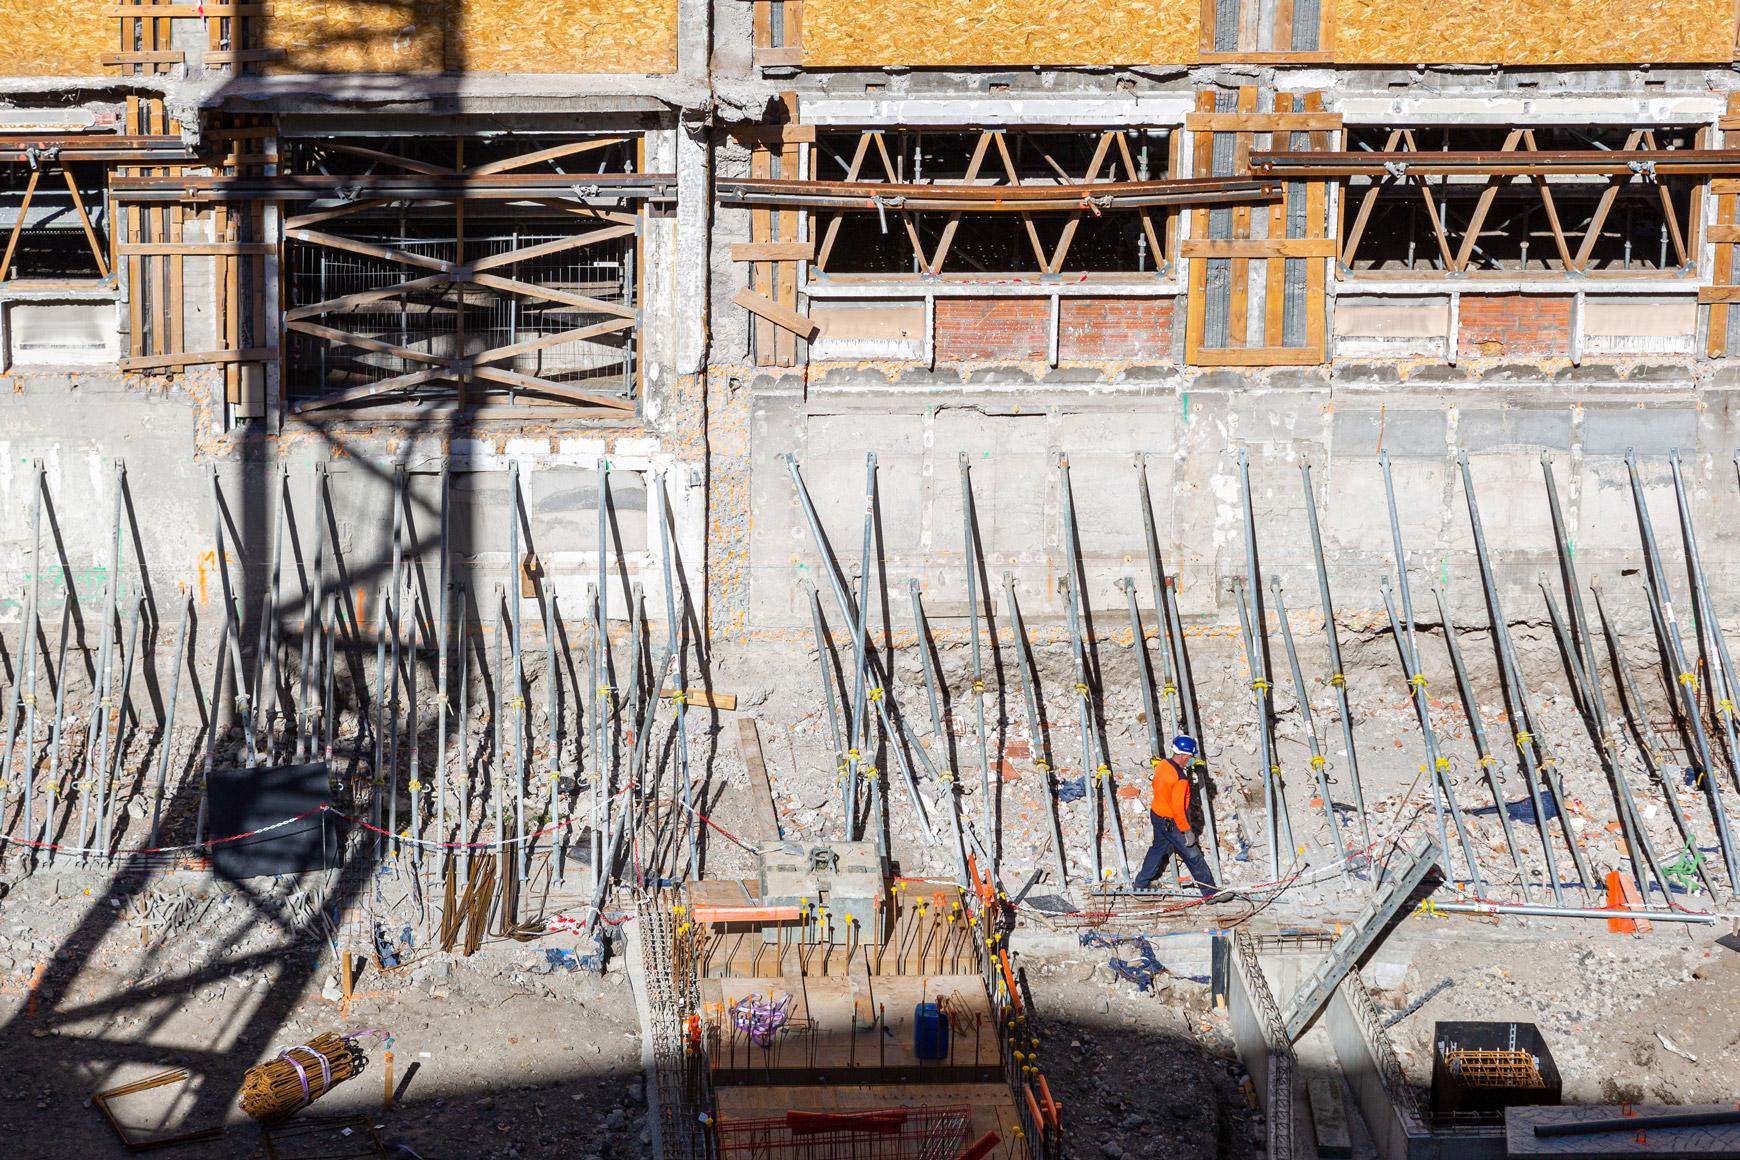 Réhabilitation lourde du siège sociale du Crédit Agricole Centre France à Clermont-Ferrand, labélisé BREEAM EXCELLENT, réalisé par le pôle Tertiaire de l'agence d'architecture SOHO ATLAS IN FINE LYON. Photo de chantier, ombre de la grue sur façade intérieure.